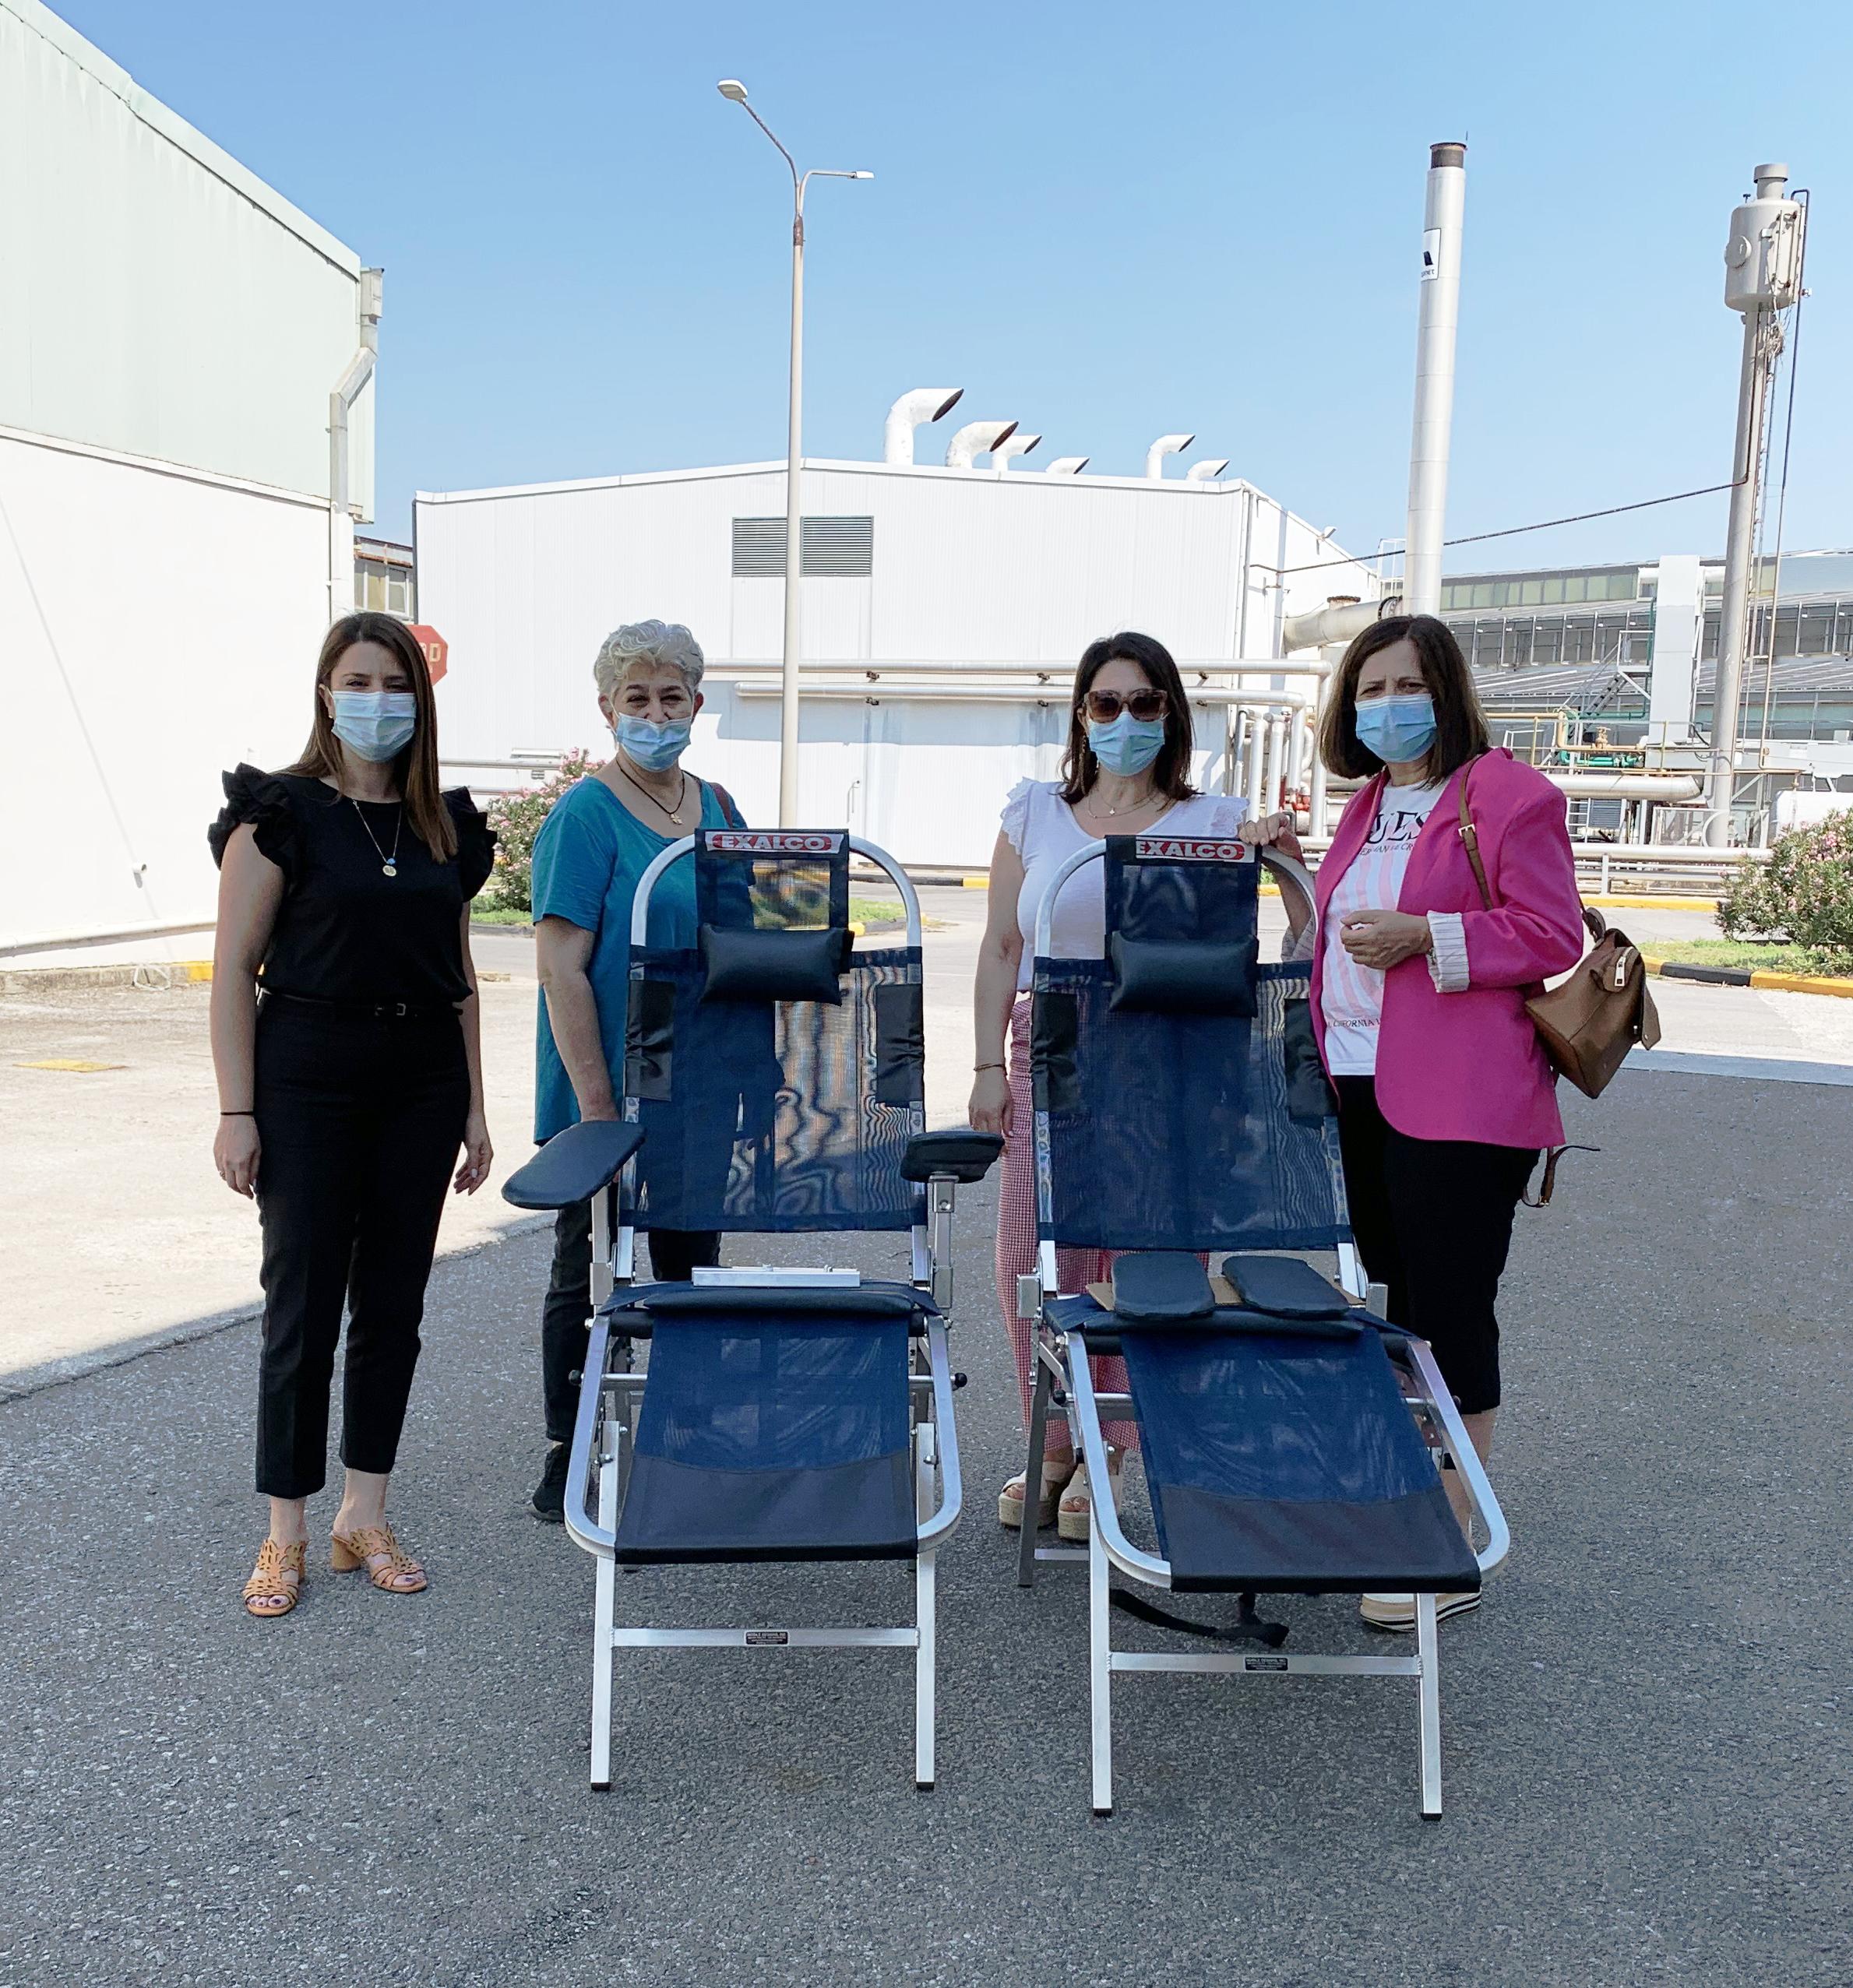 Δωρεά της EXALCO στην Υπηρεσία Αιμοδοσίας του Πανεπιστημιακού Νοσοκομείου Λάρισας.